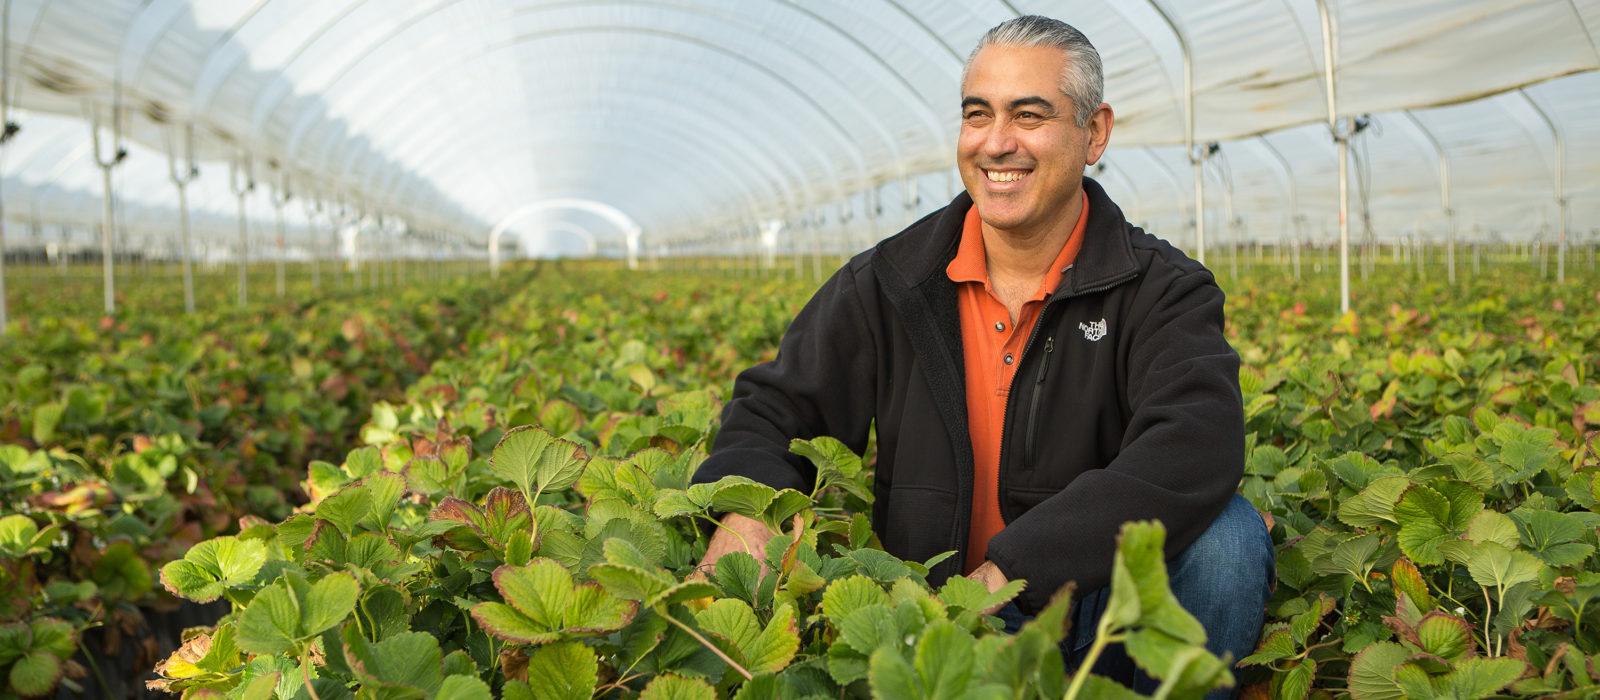 Berry farmer in strawberry field